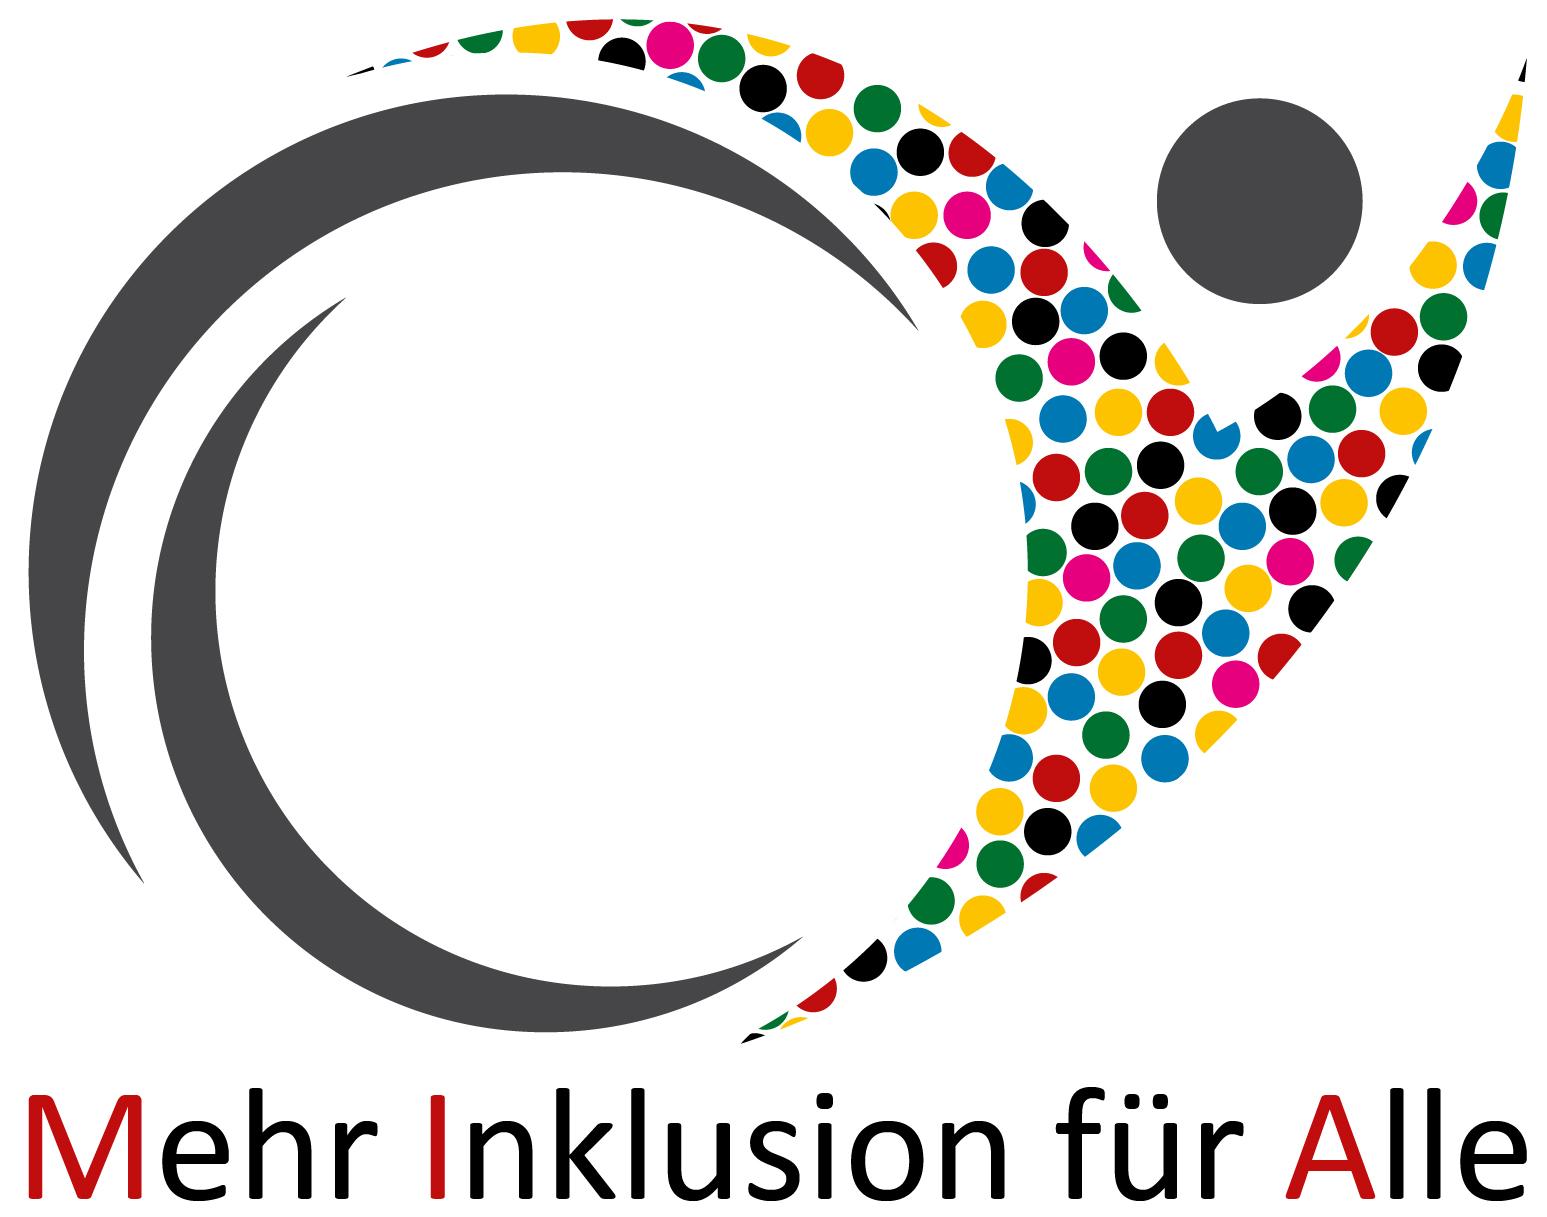 Inklusion - Logo MIA